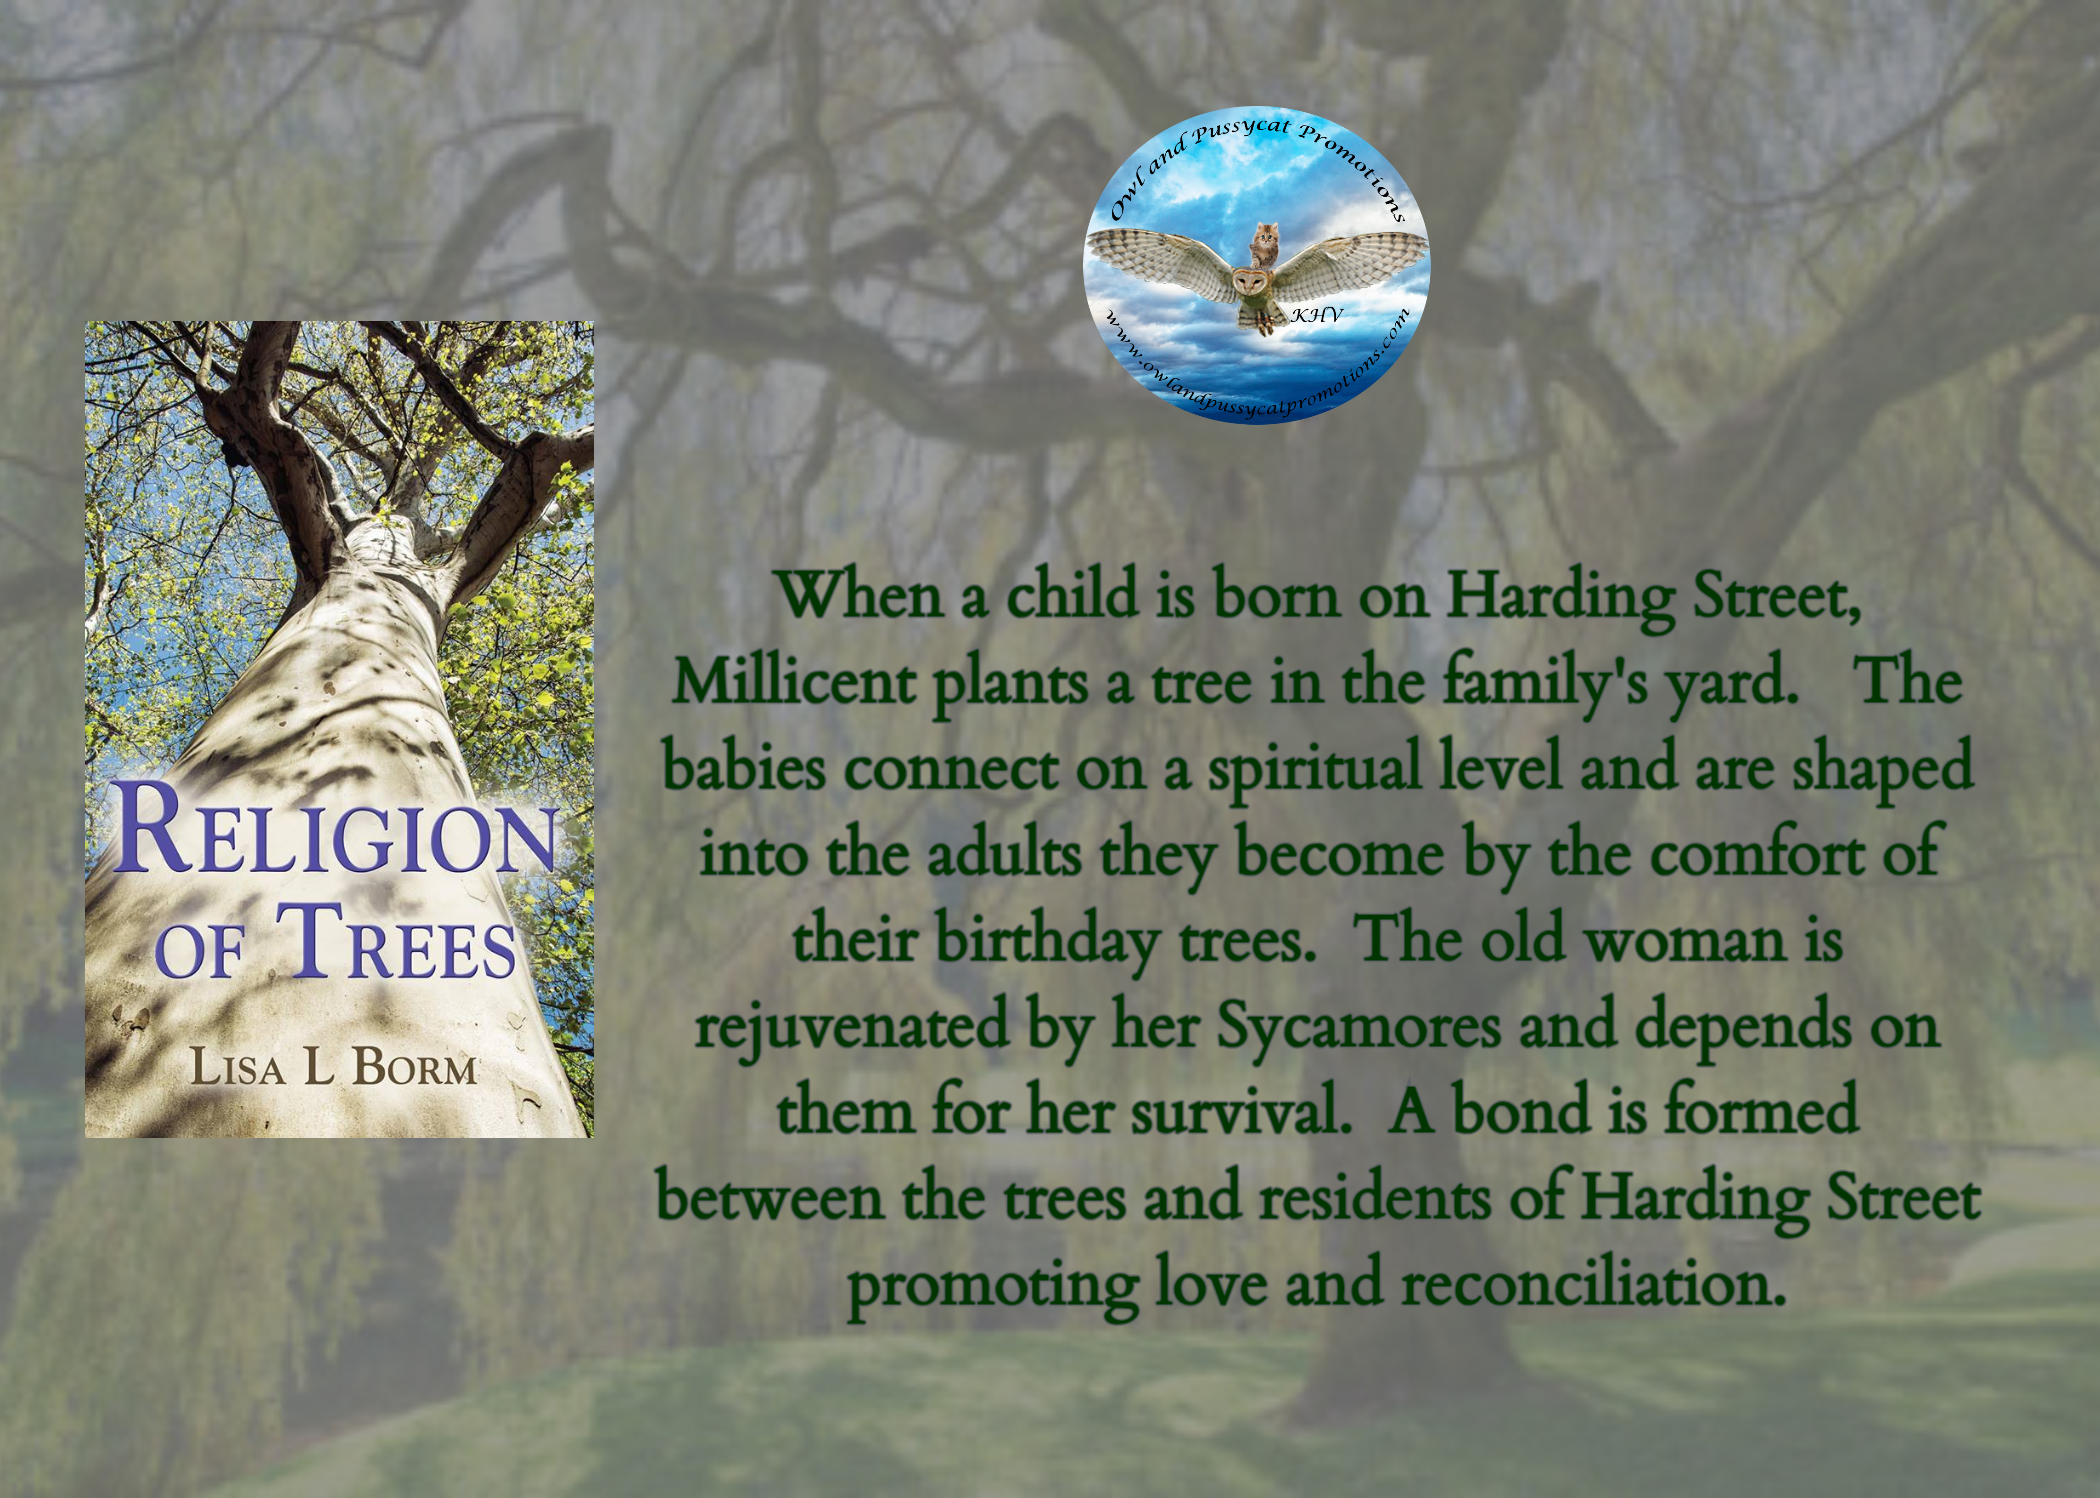 RELIGION OF TREES BLURB.jpg